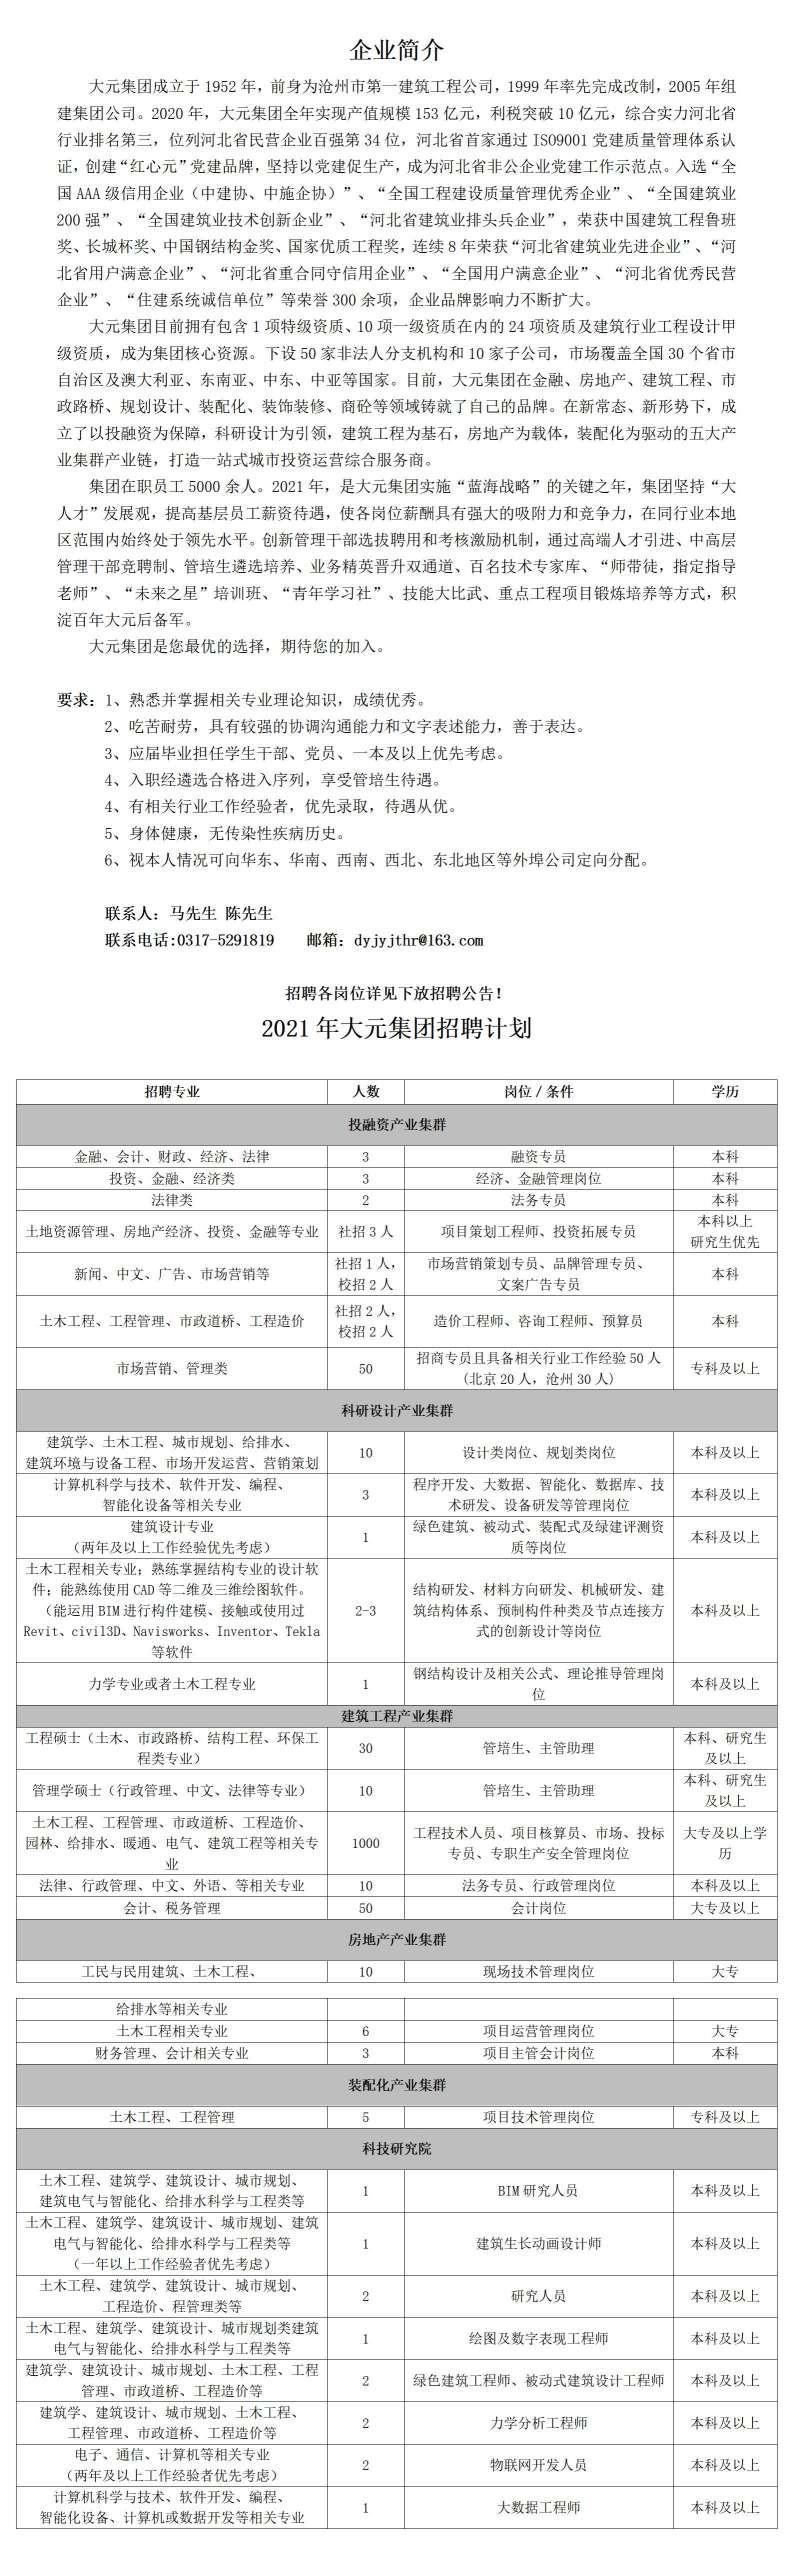 2021年招聘公告修改(1).jpg